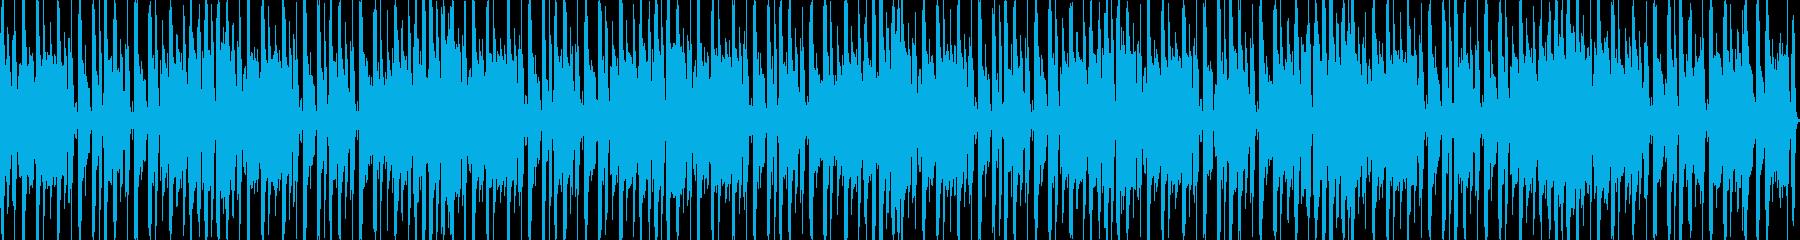 コロコロとした可愛らしいループBGMの再生済みの波形